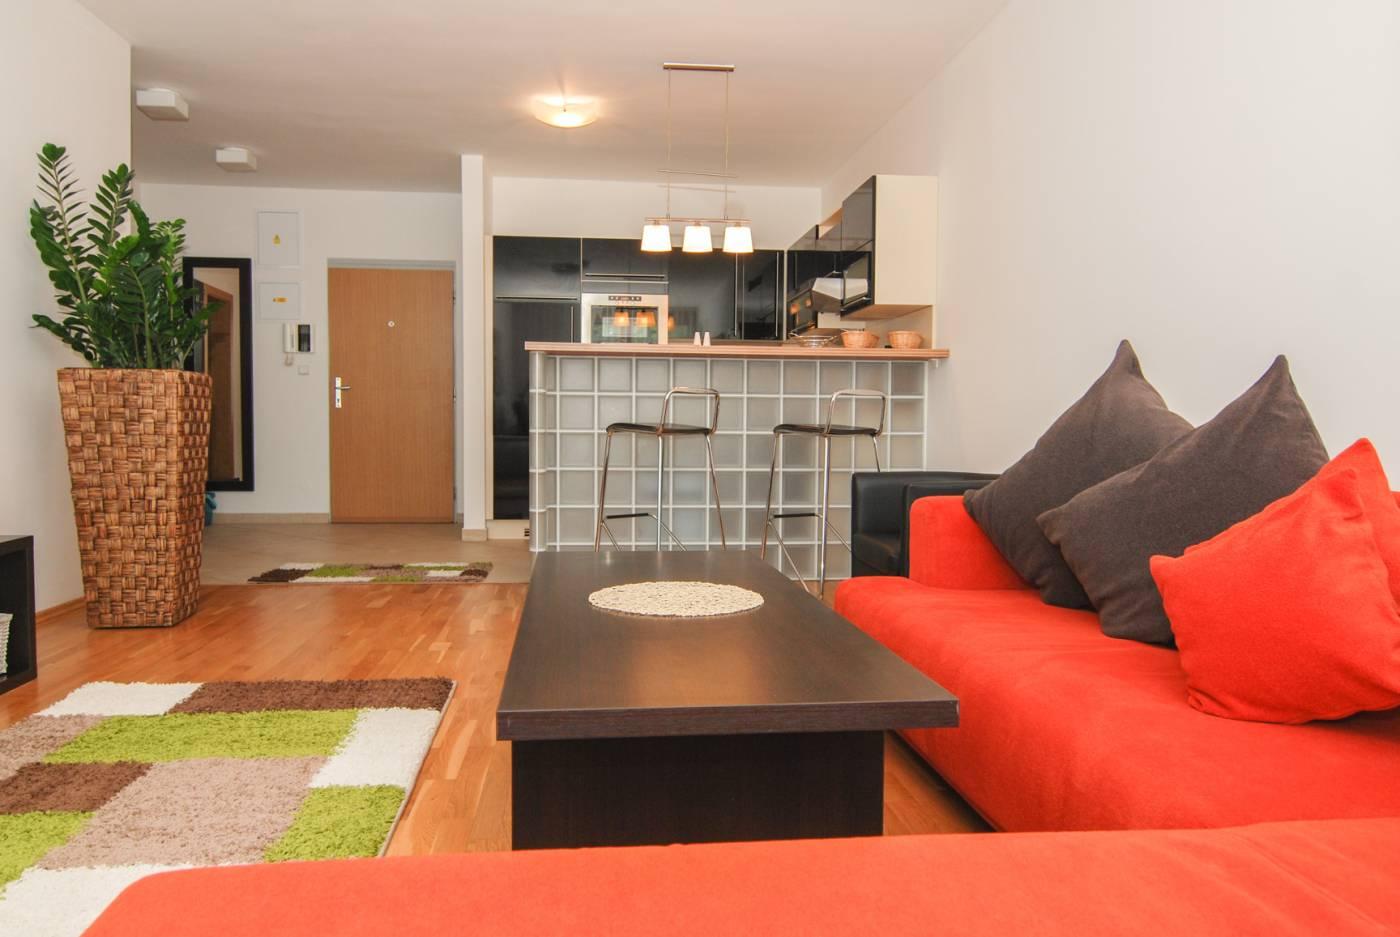 снять квартиру в братиславе без посредников от хозяина